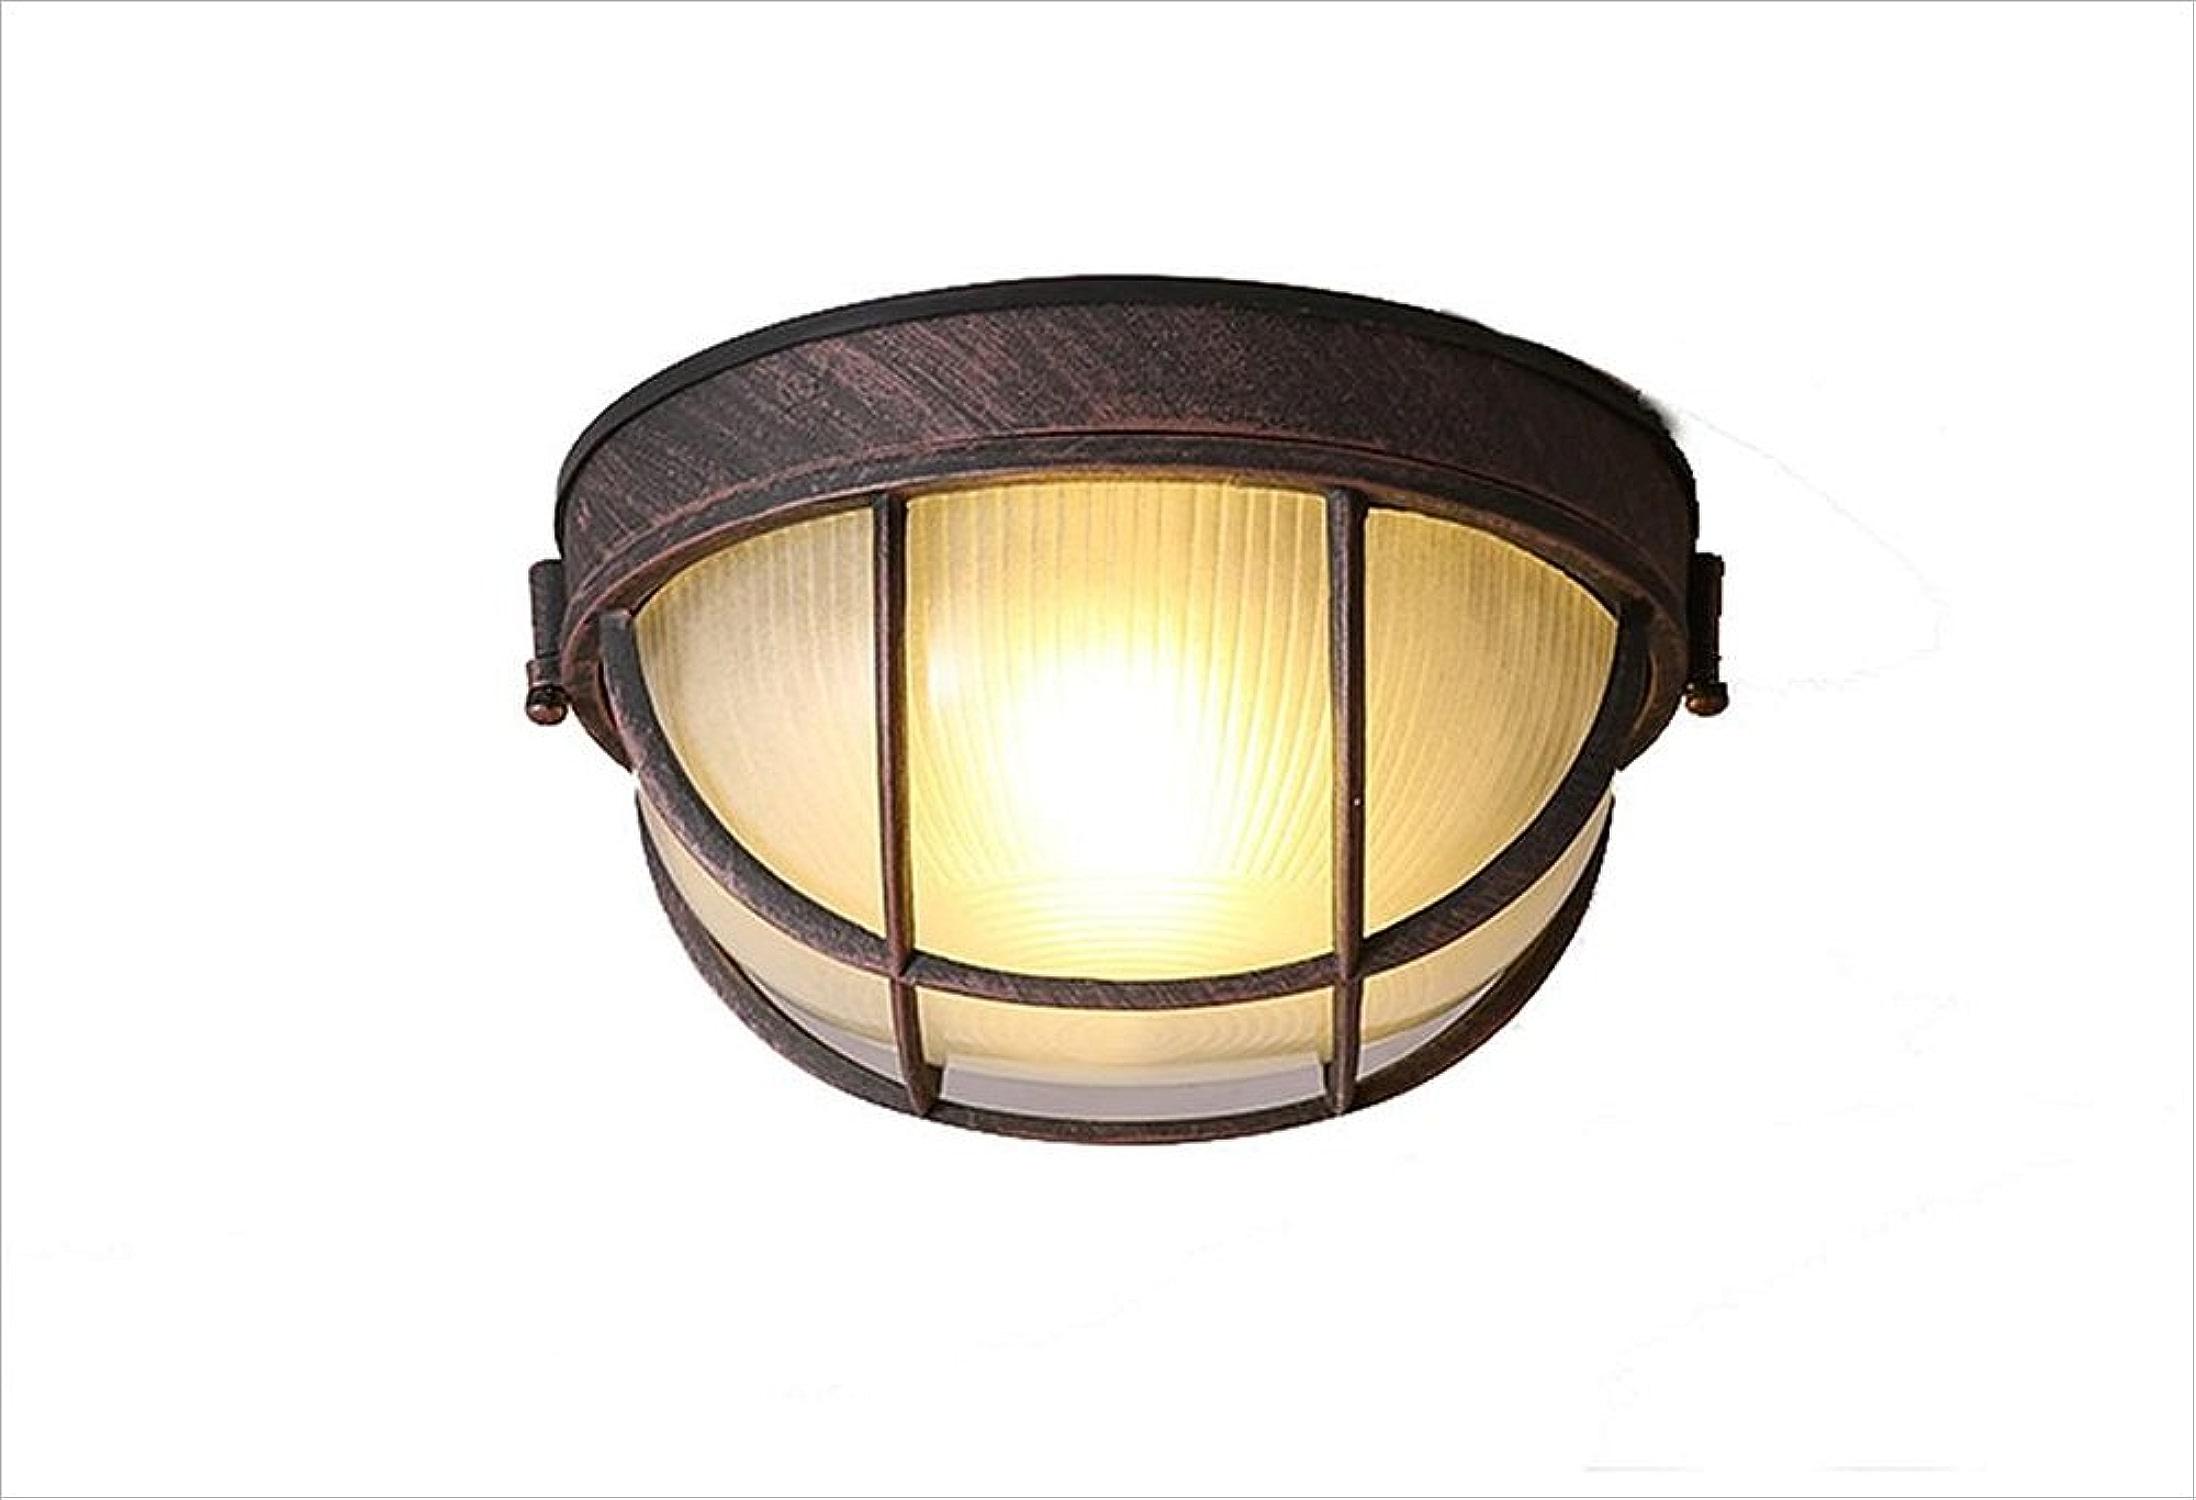 Rétro Plafonniers Ronde LED Plafond éclairage Cuisine Couloir Corridor Balcon Lampes 5W